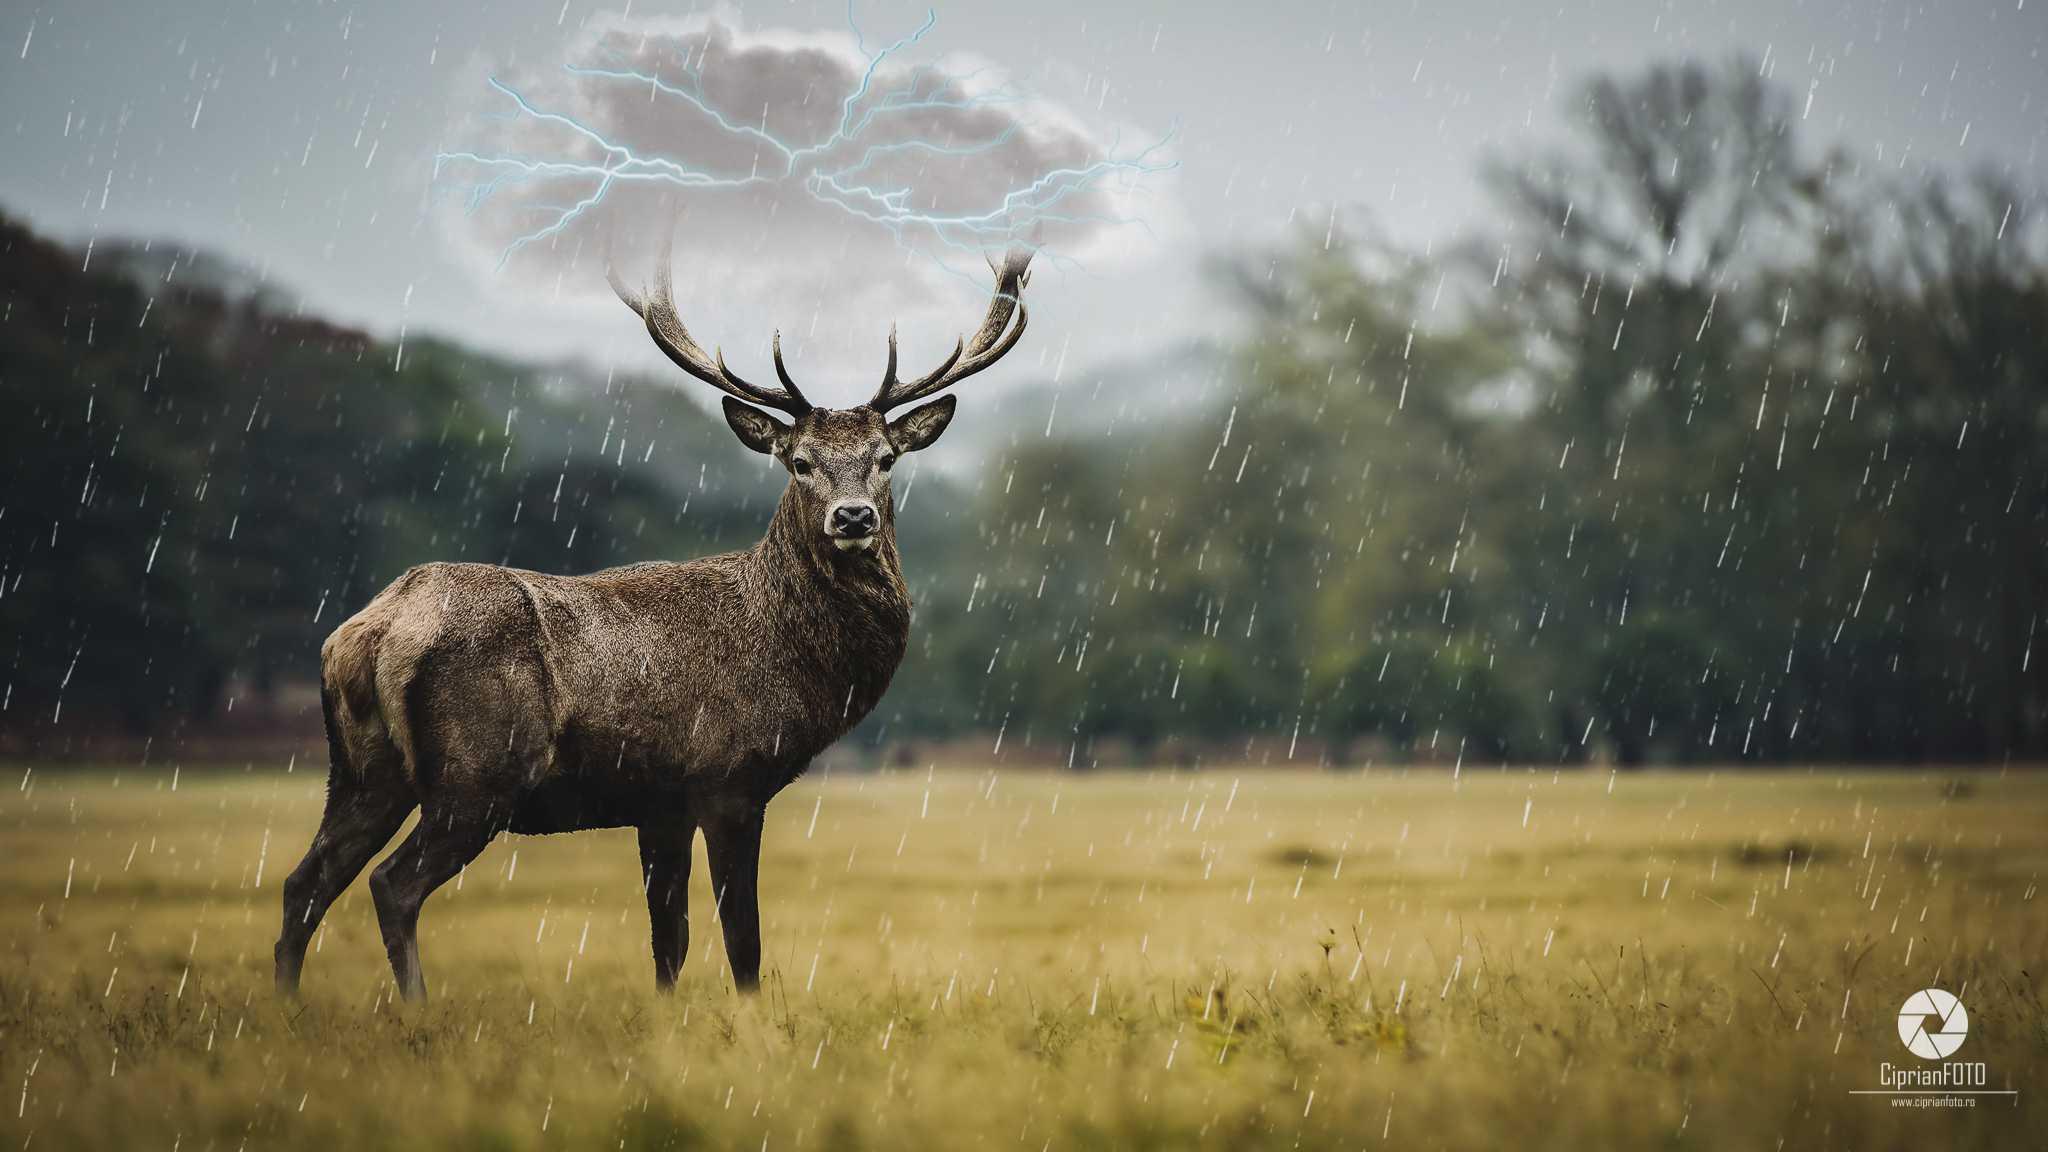 Deer_Photoshop_Manipulation_Tutorial_CiprianFOTO